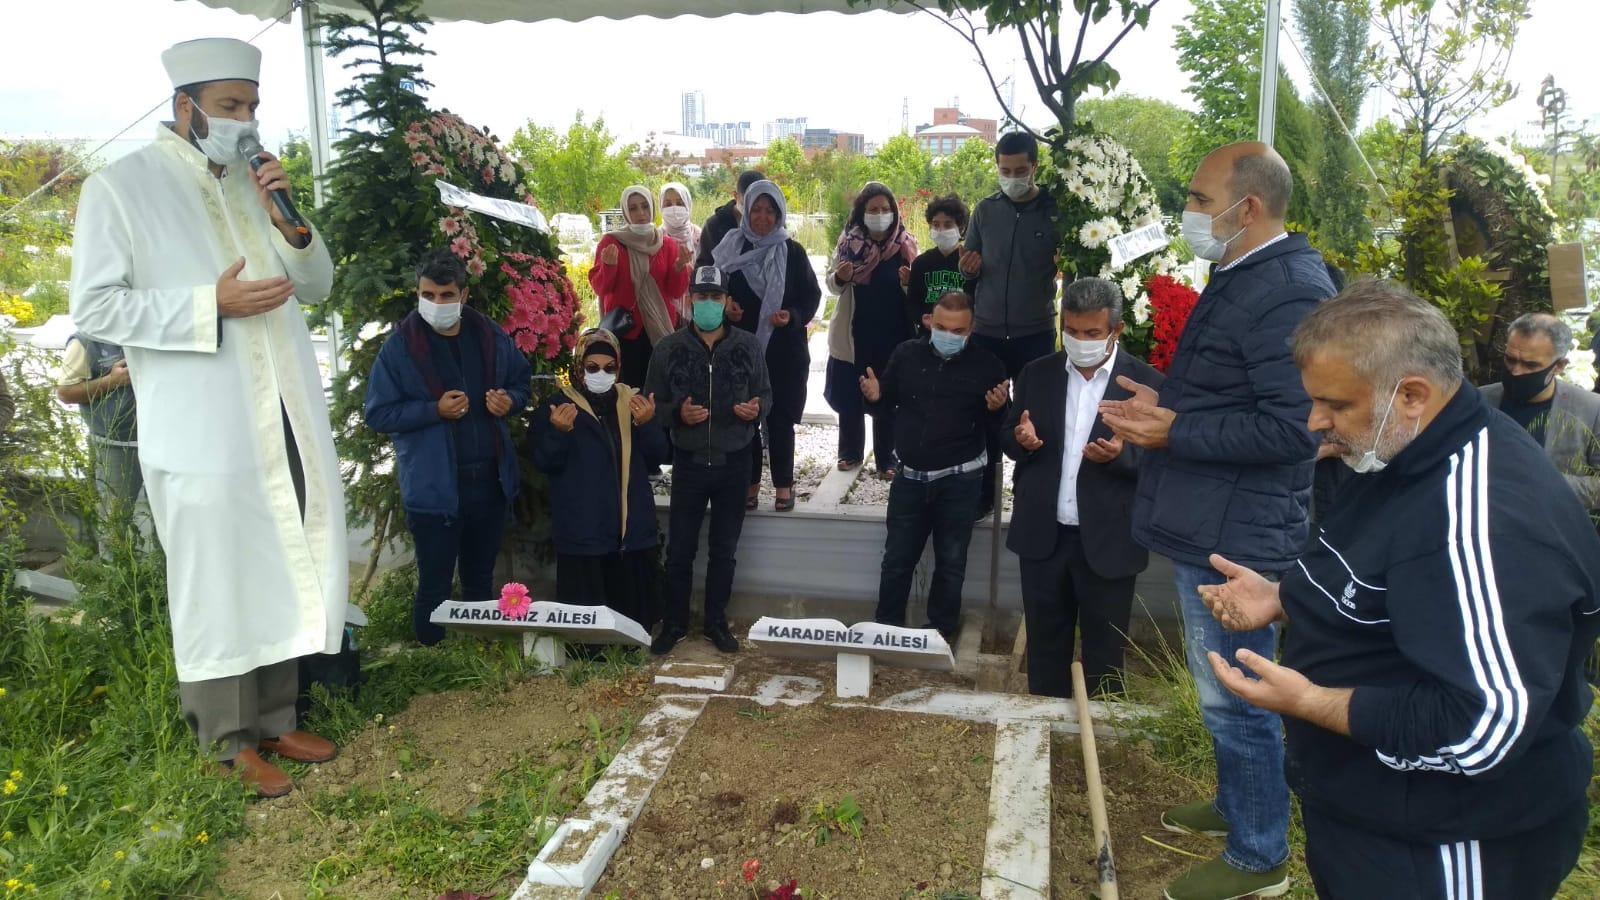 Karadeniz ailesi, ataları Mehmet Karadeniz'i dualarla hakka uğurladı